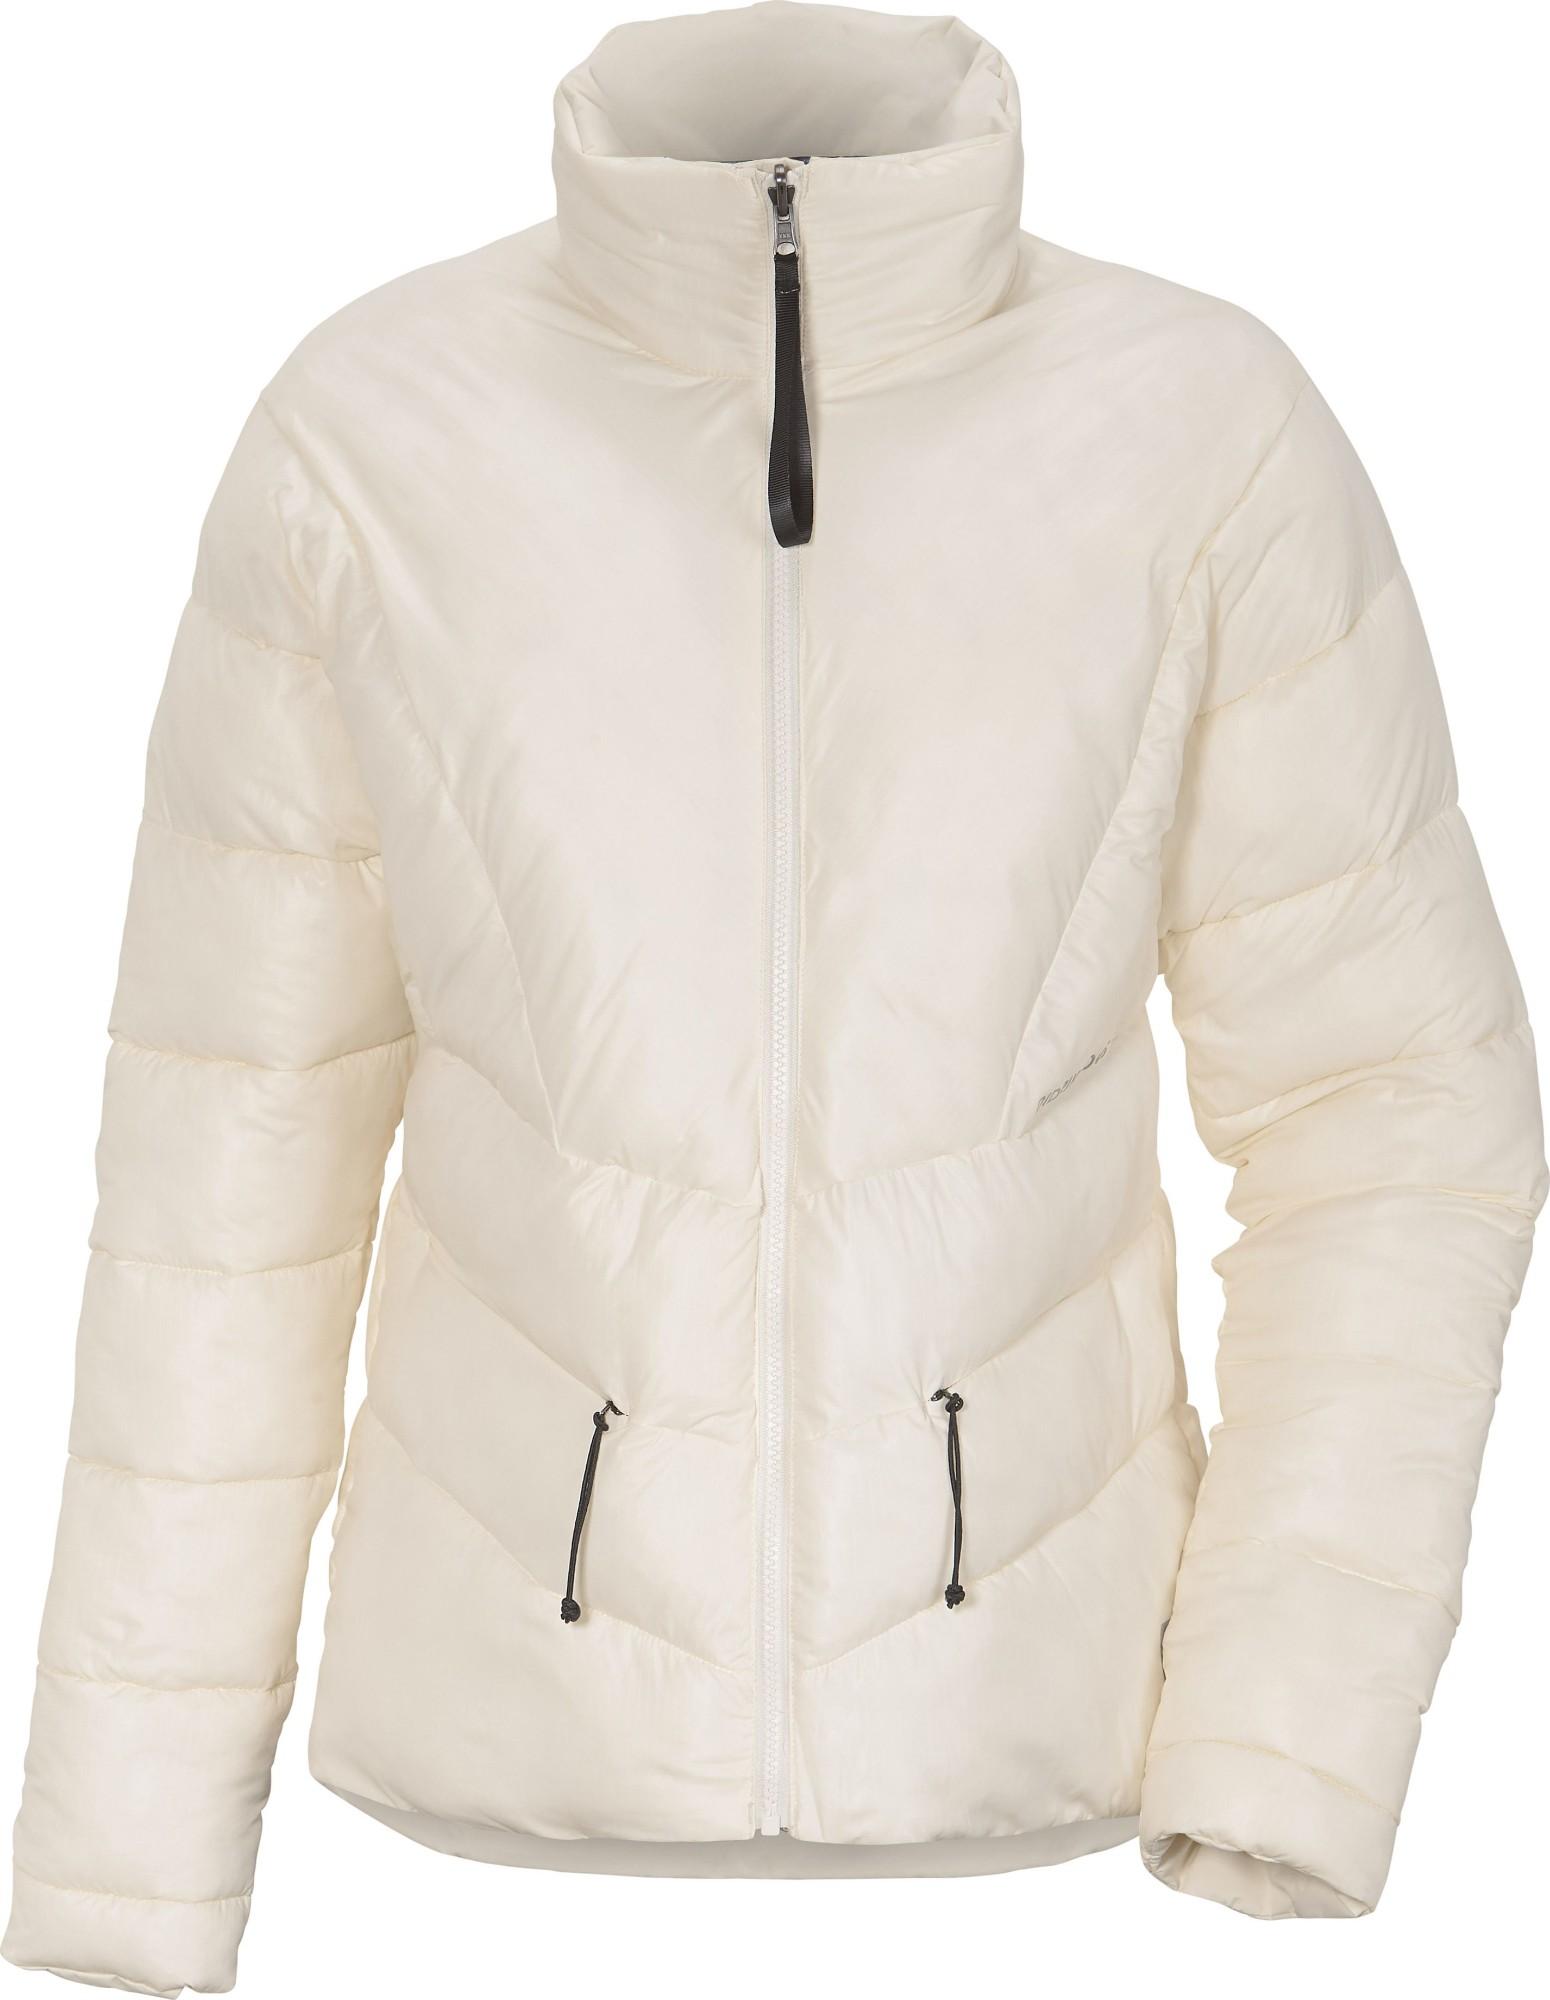 DIDRIKSONS Anni Women's Jacket Cloud White EU32/34